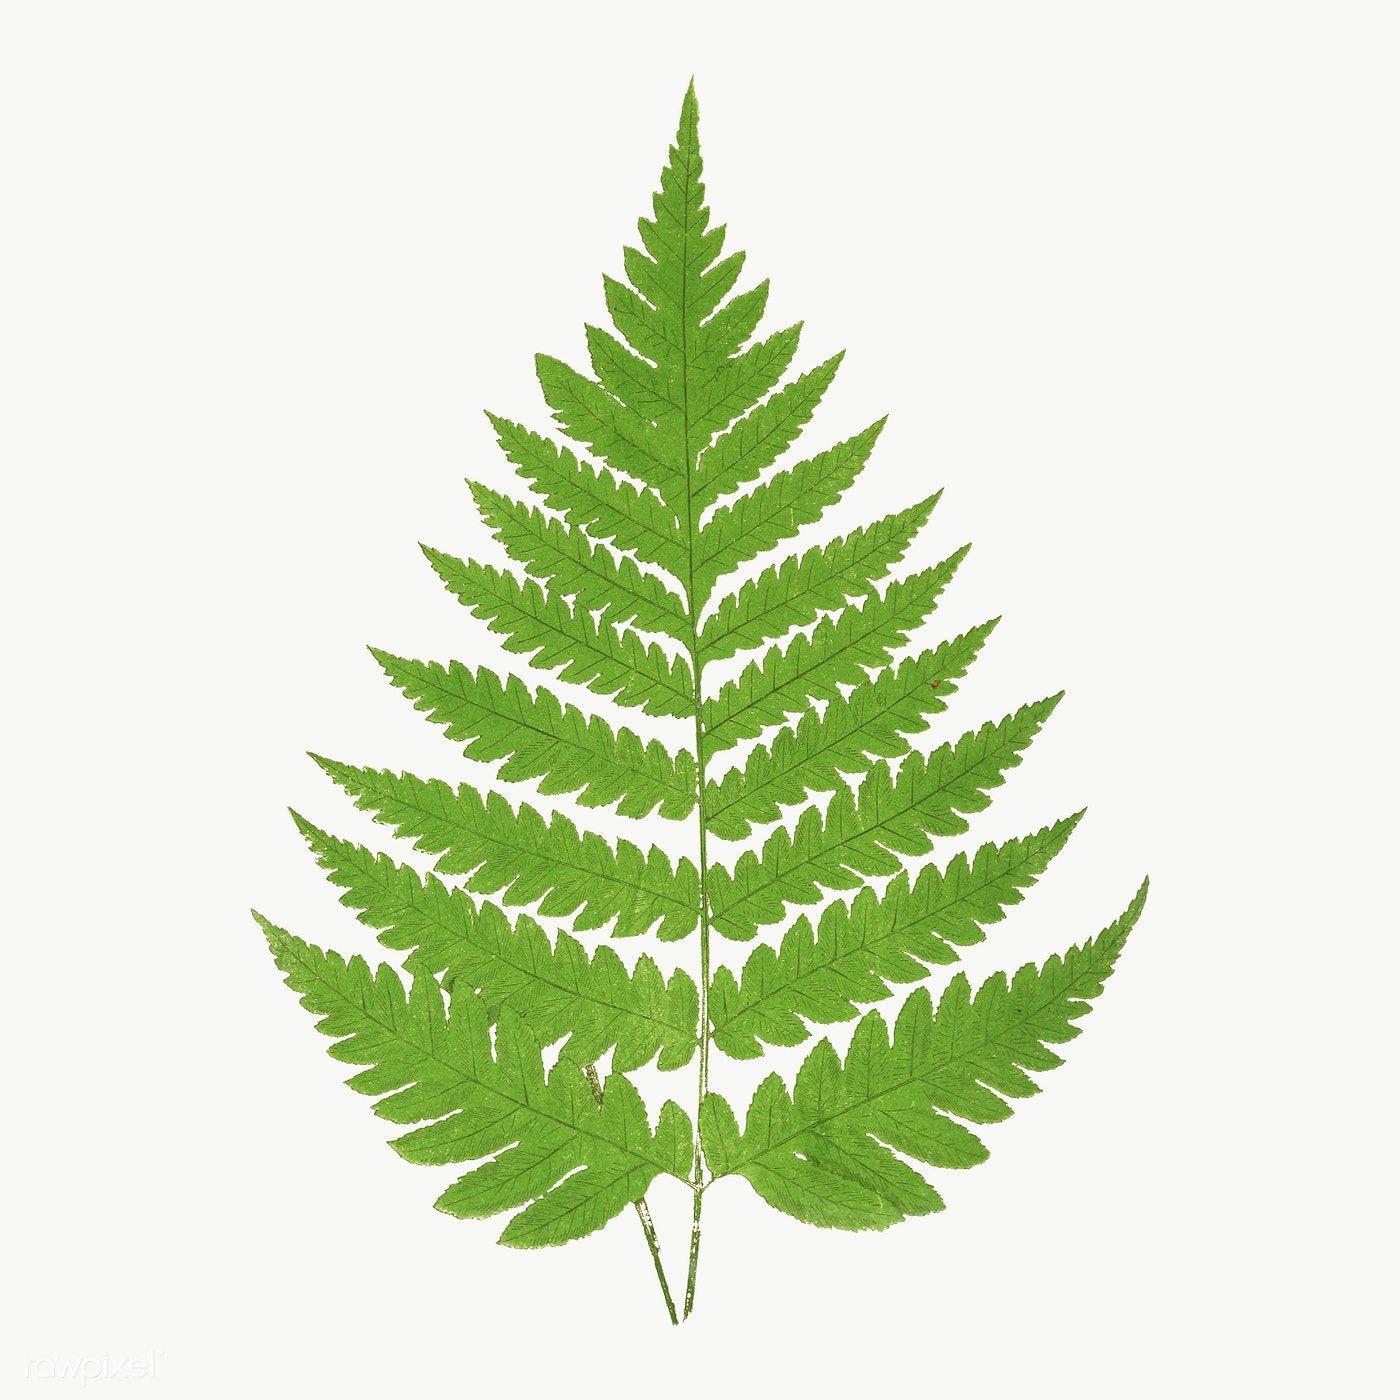 Acrostichum Alienum Fern Leaf Illustration Transparent Png Premium Image By Rawpixel Com Nam